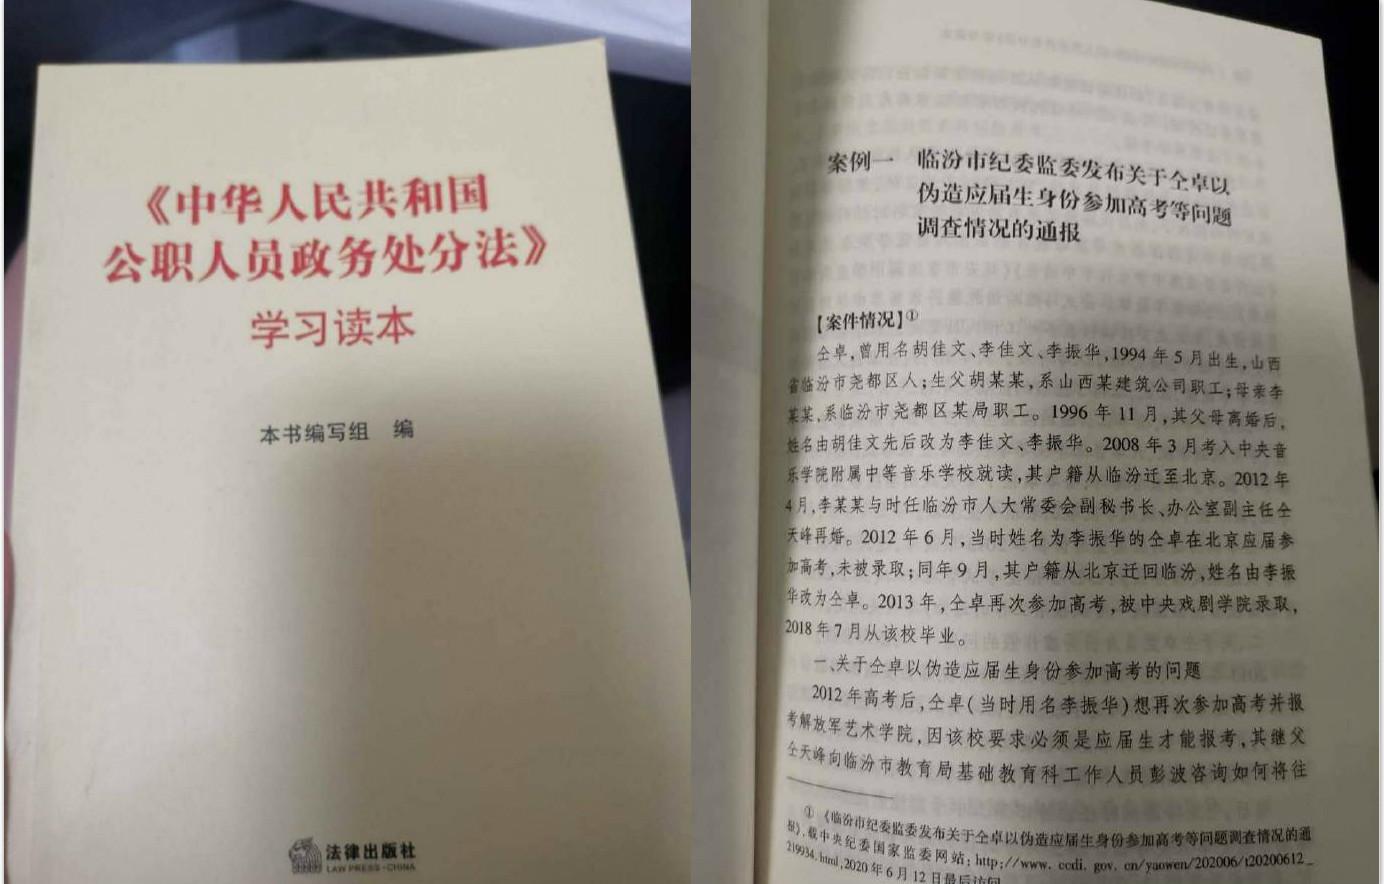 曝仝卓被写入公职人员学习读本是怎么回事?什么情况?终于真相了,原来是这样!